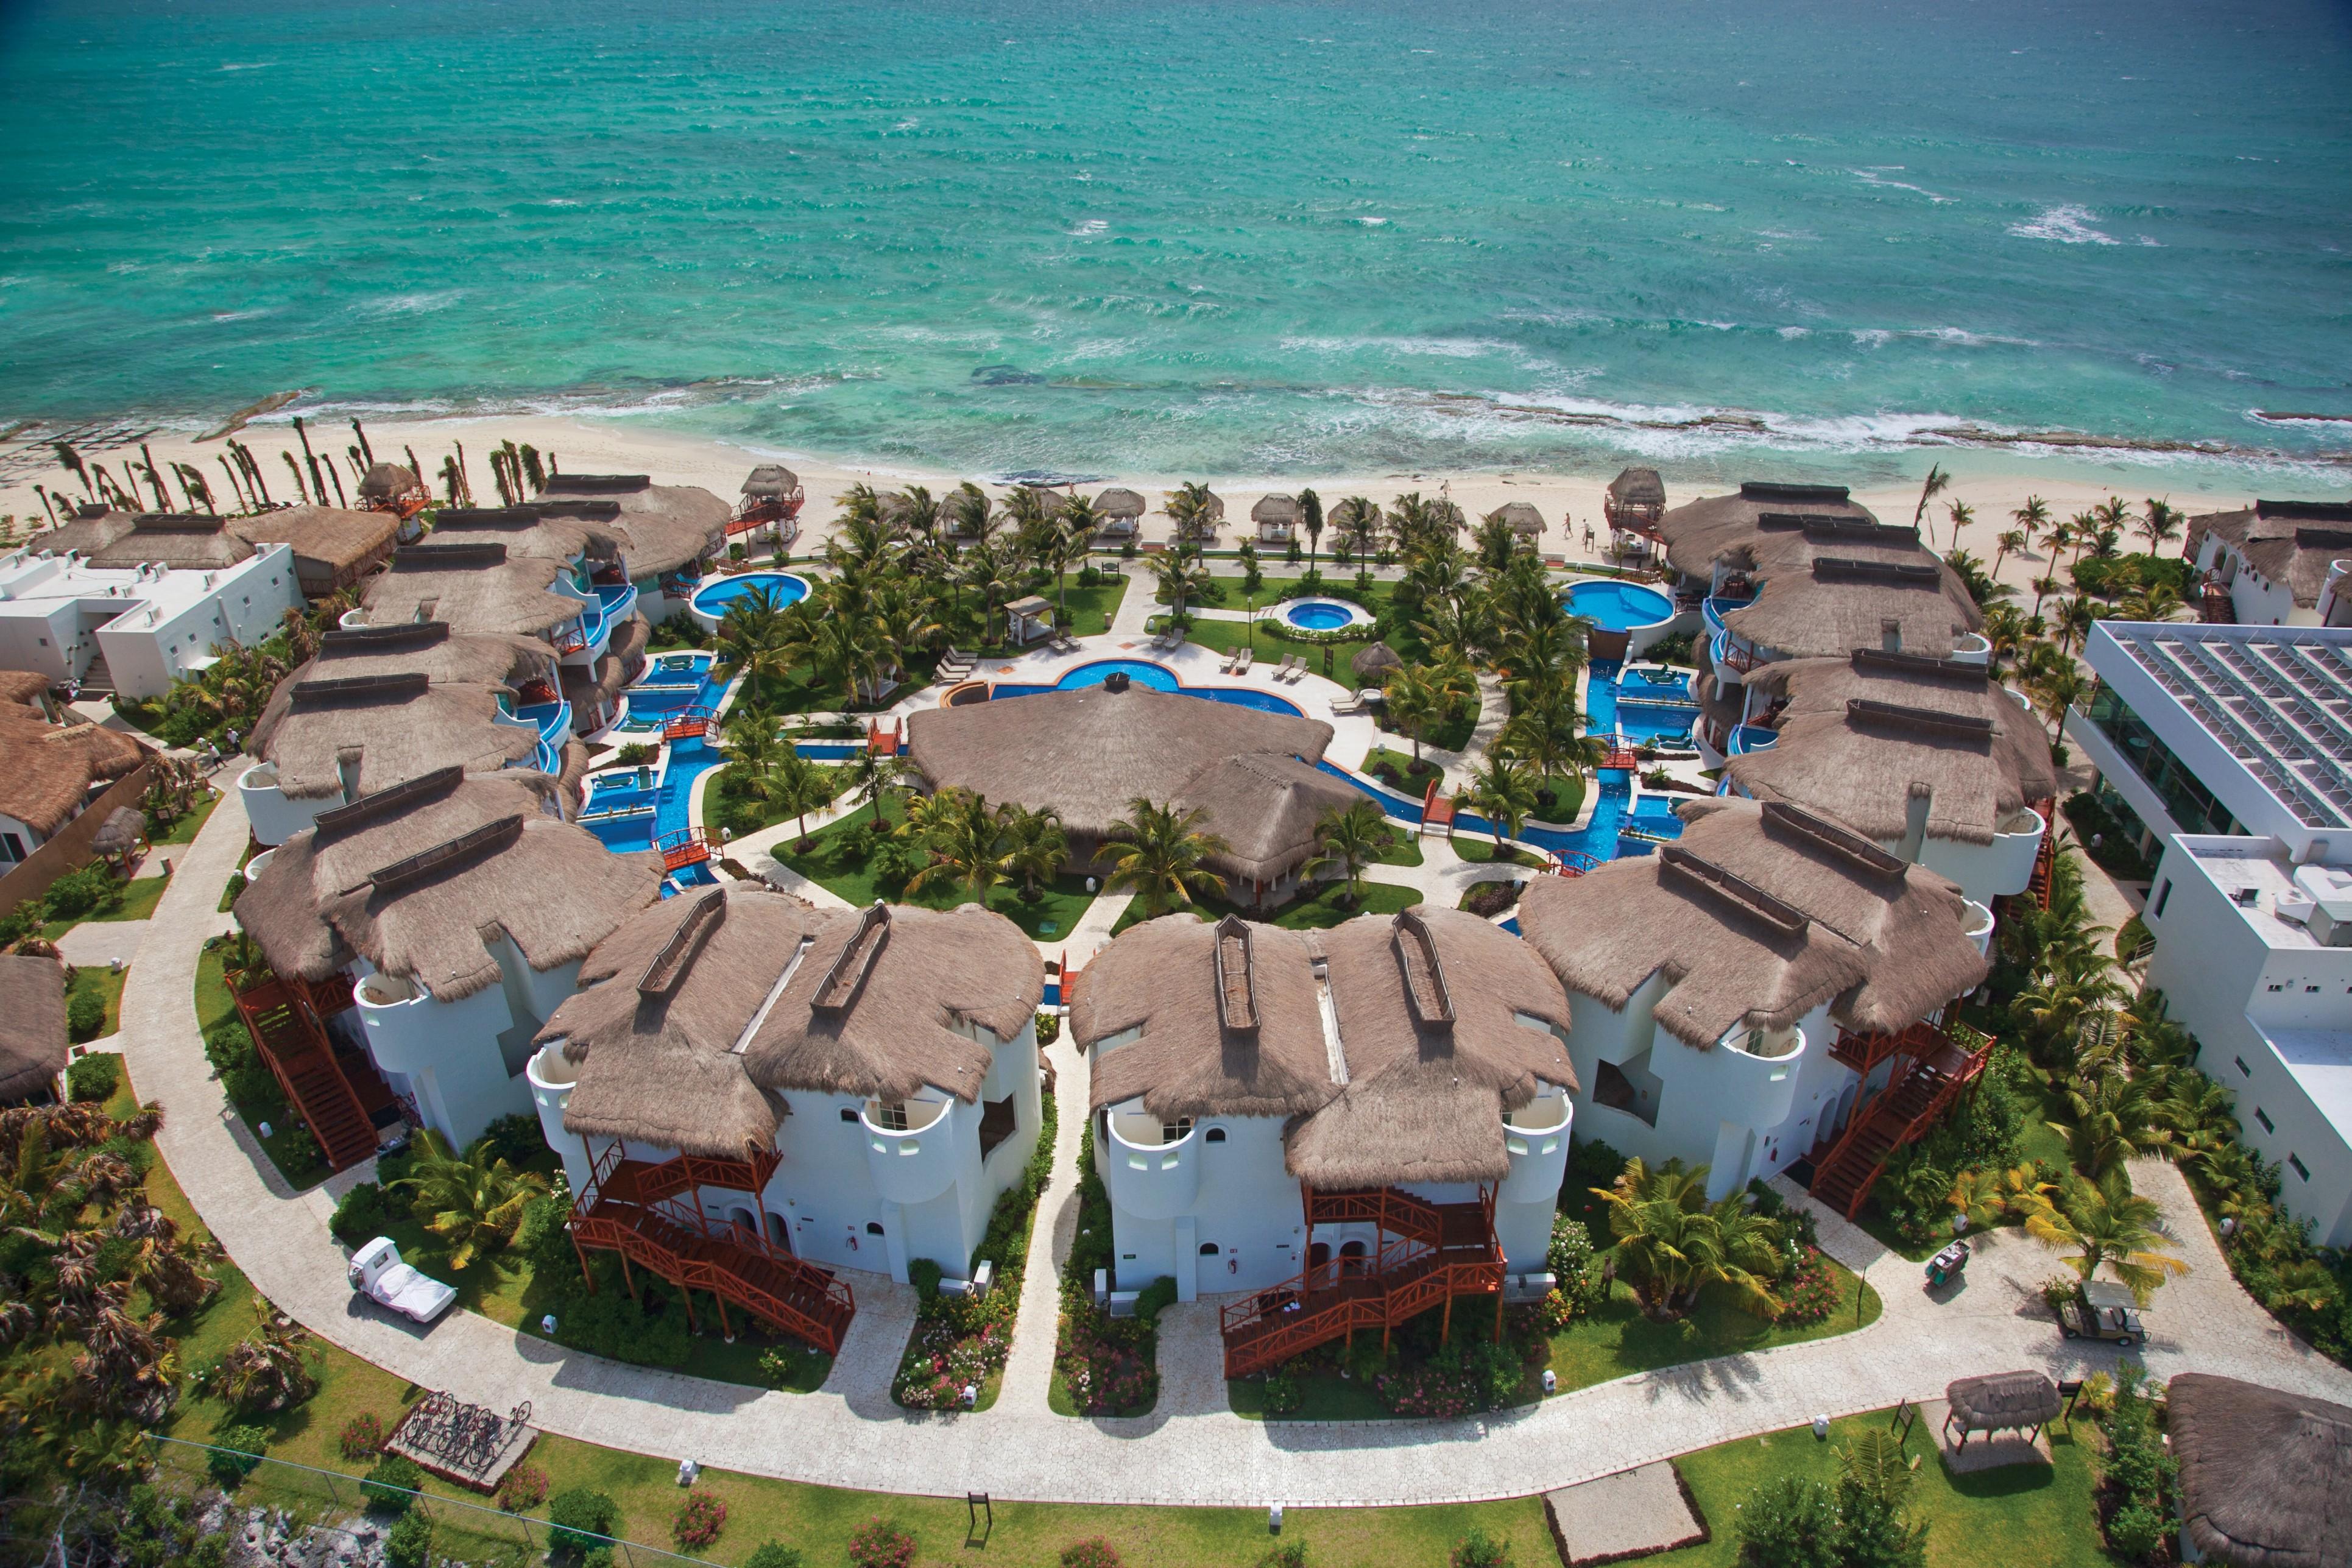 Wallpaper El Dorado Seaside Suites Mexico Best Beaches